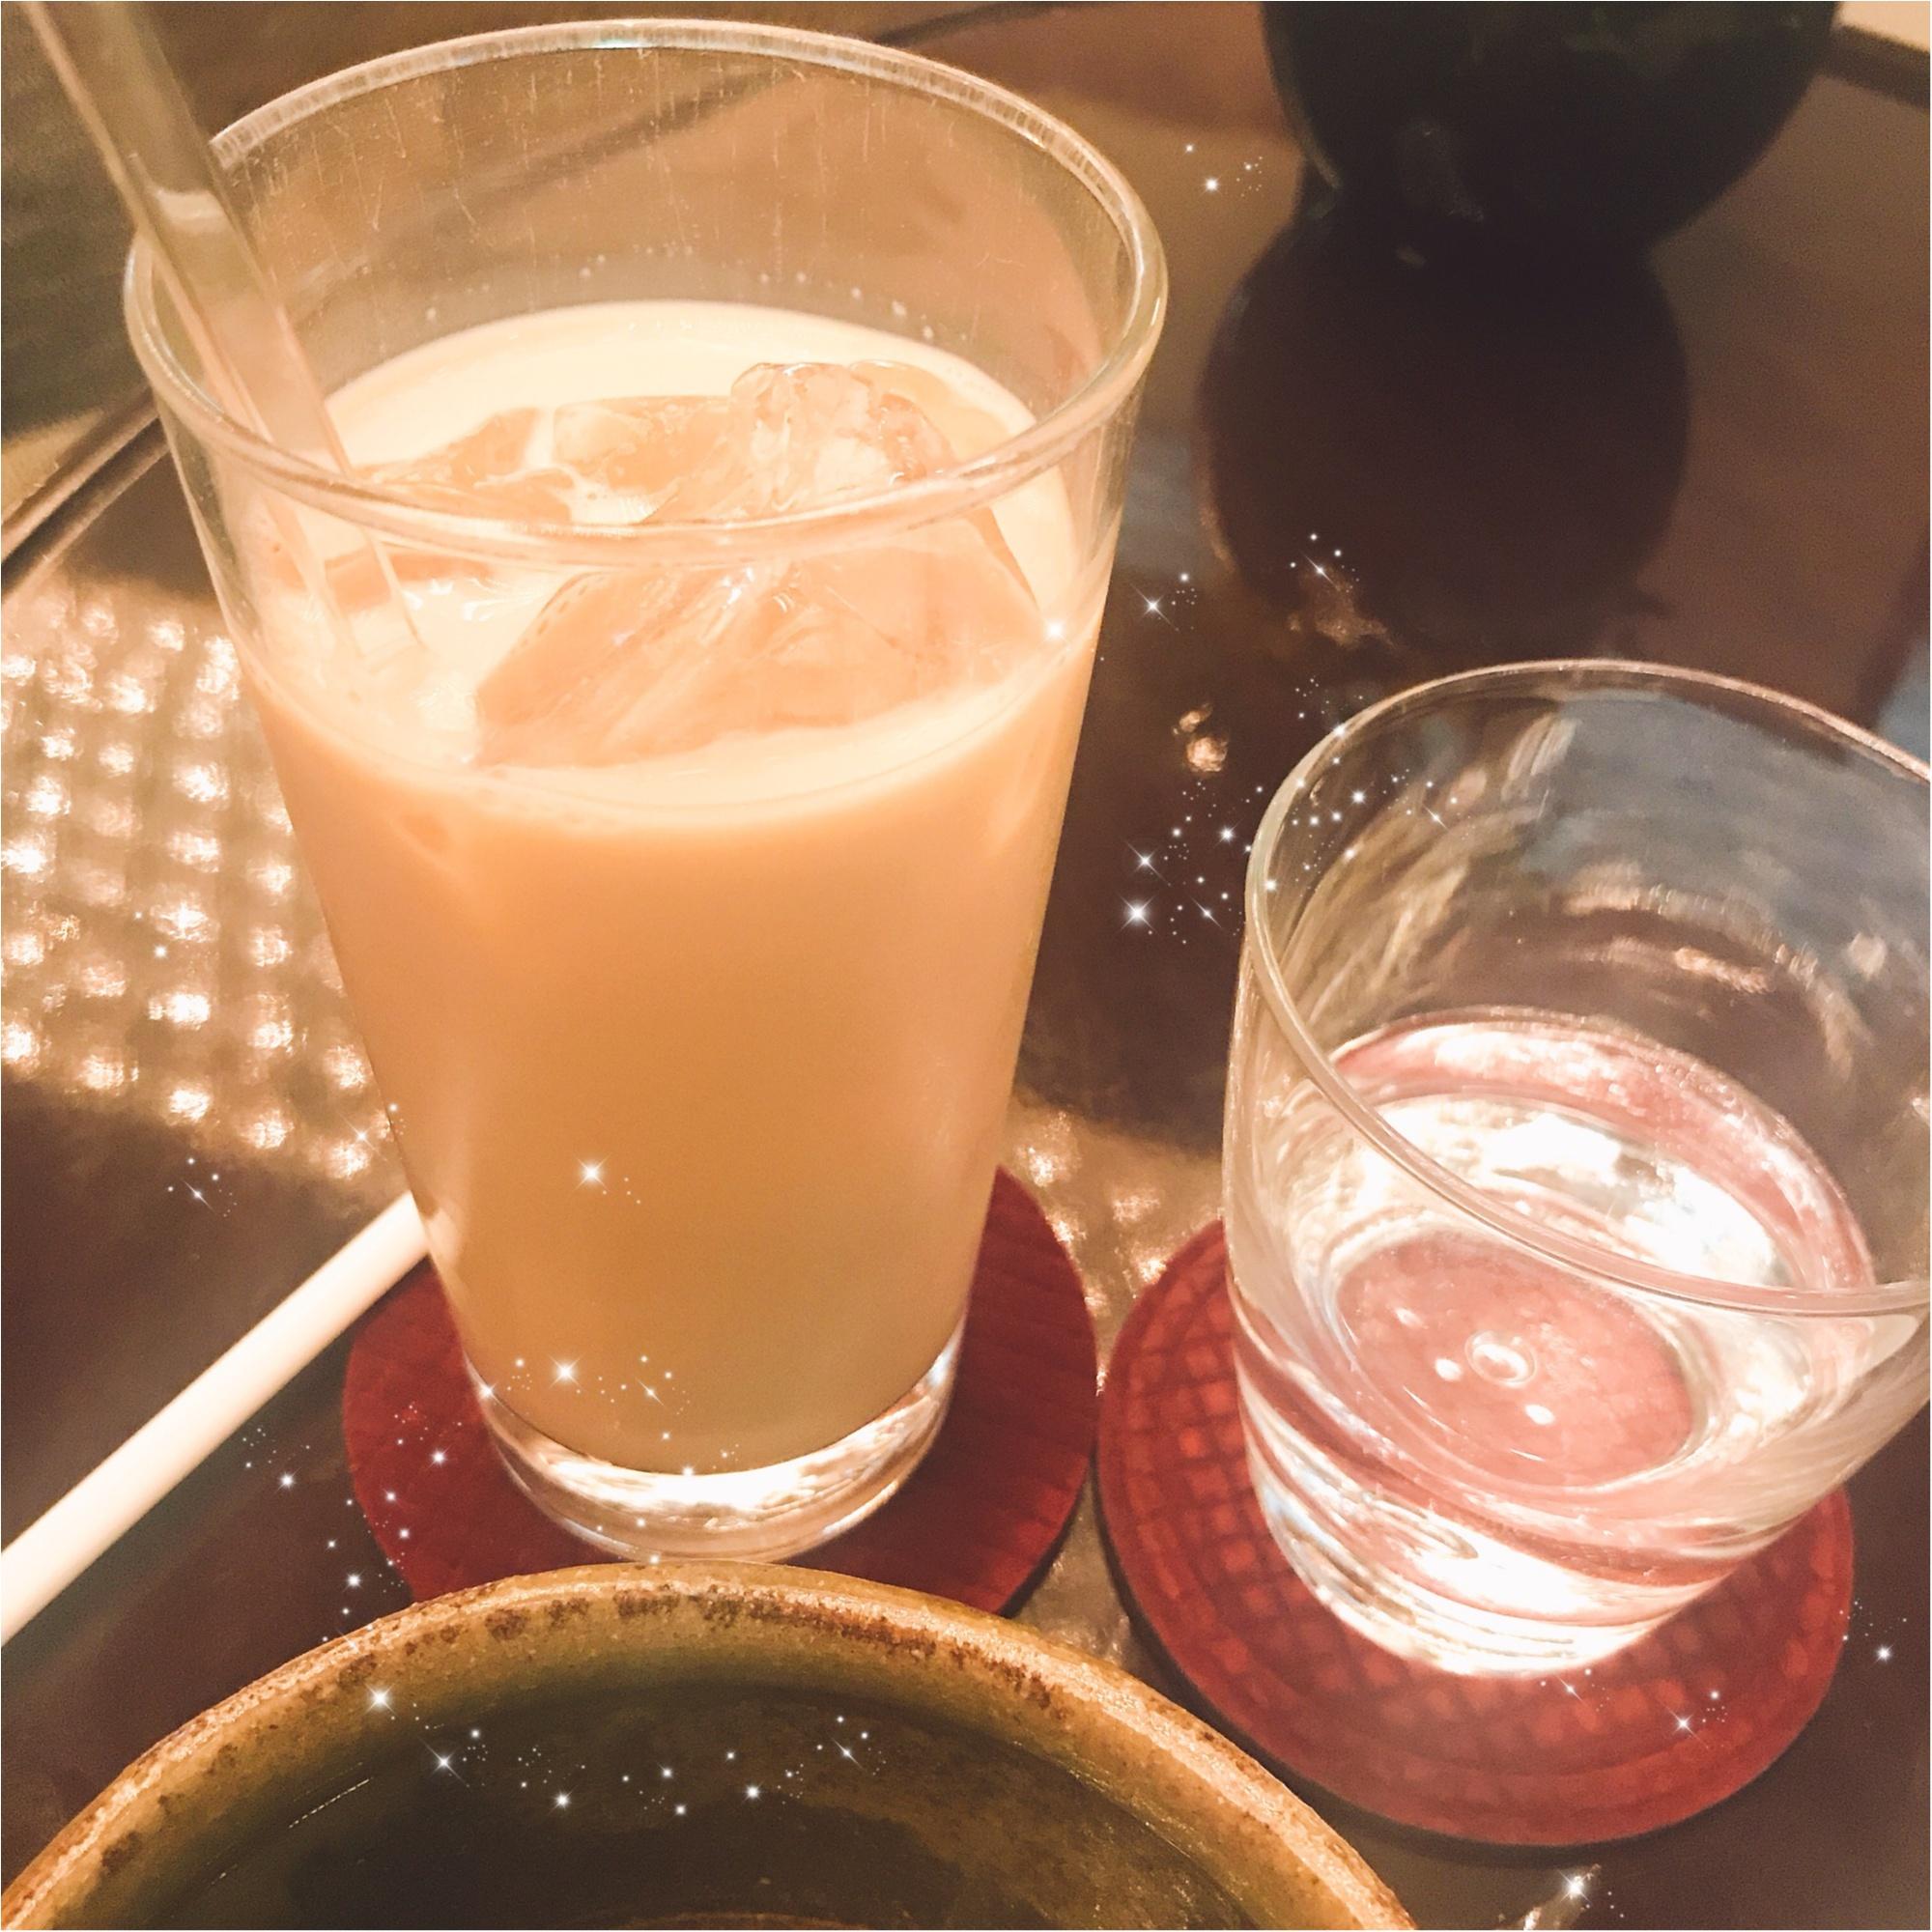 期間限定!抹茶好きにはたまらない、ANAインターコンチネンタルホテル東京の抹茶アフタヌーンティー。_3